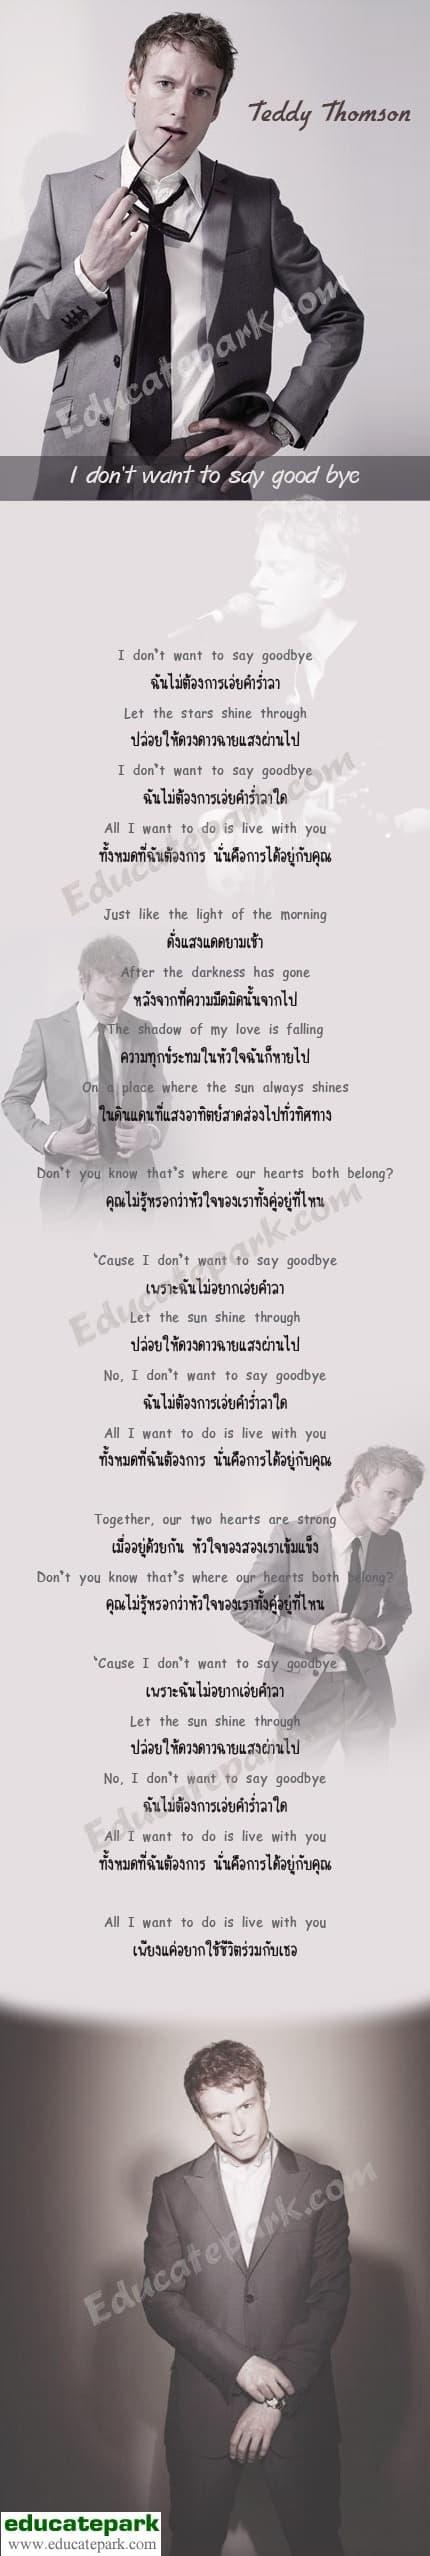 แปลเพลง I Don't Want to Say Goodbye - Teddy Thomson